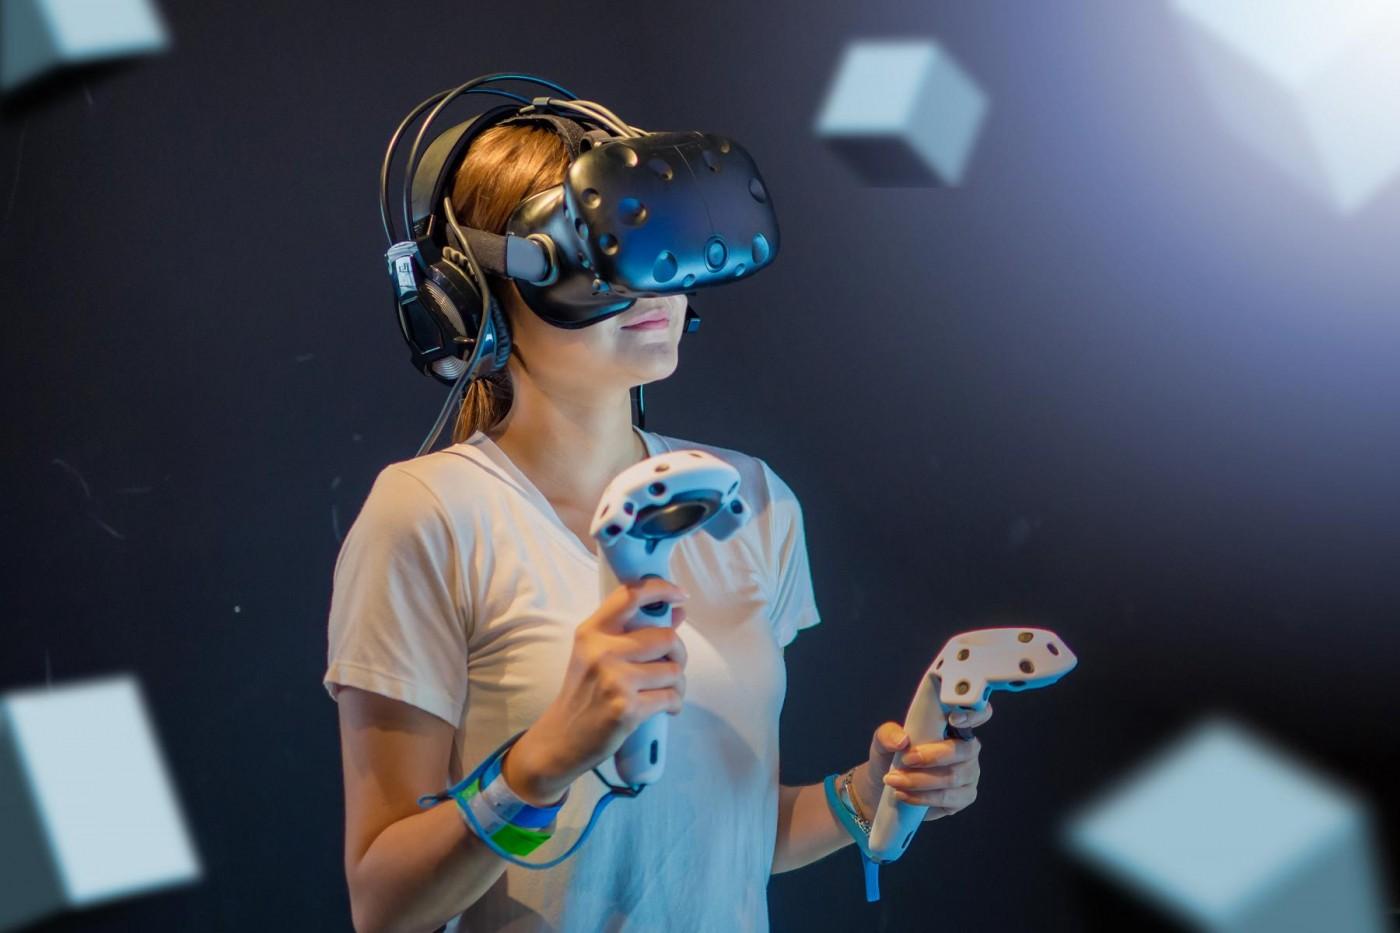 新希望?五家巨頭共用「一條線」串起VR產業新標準